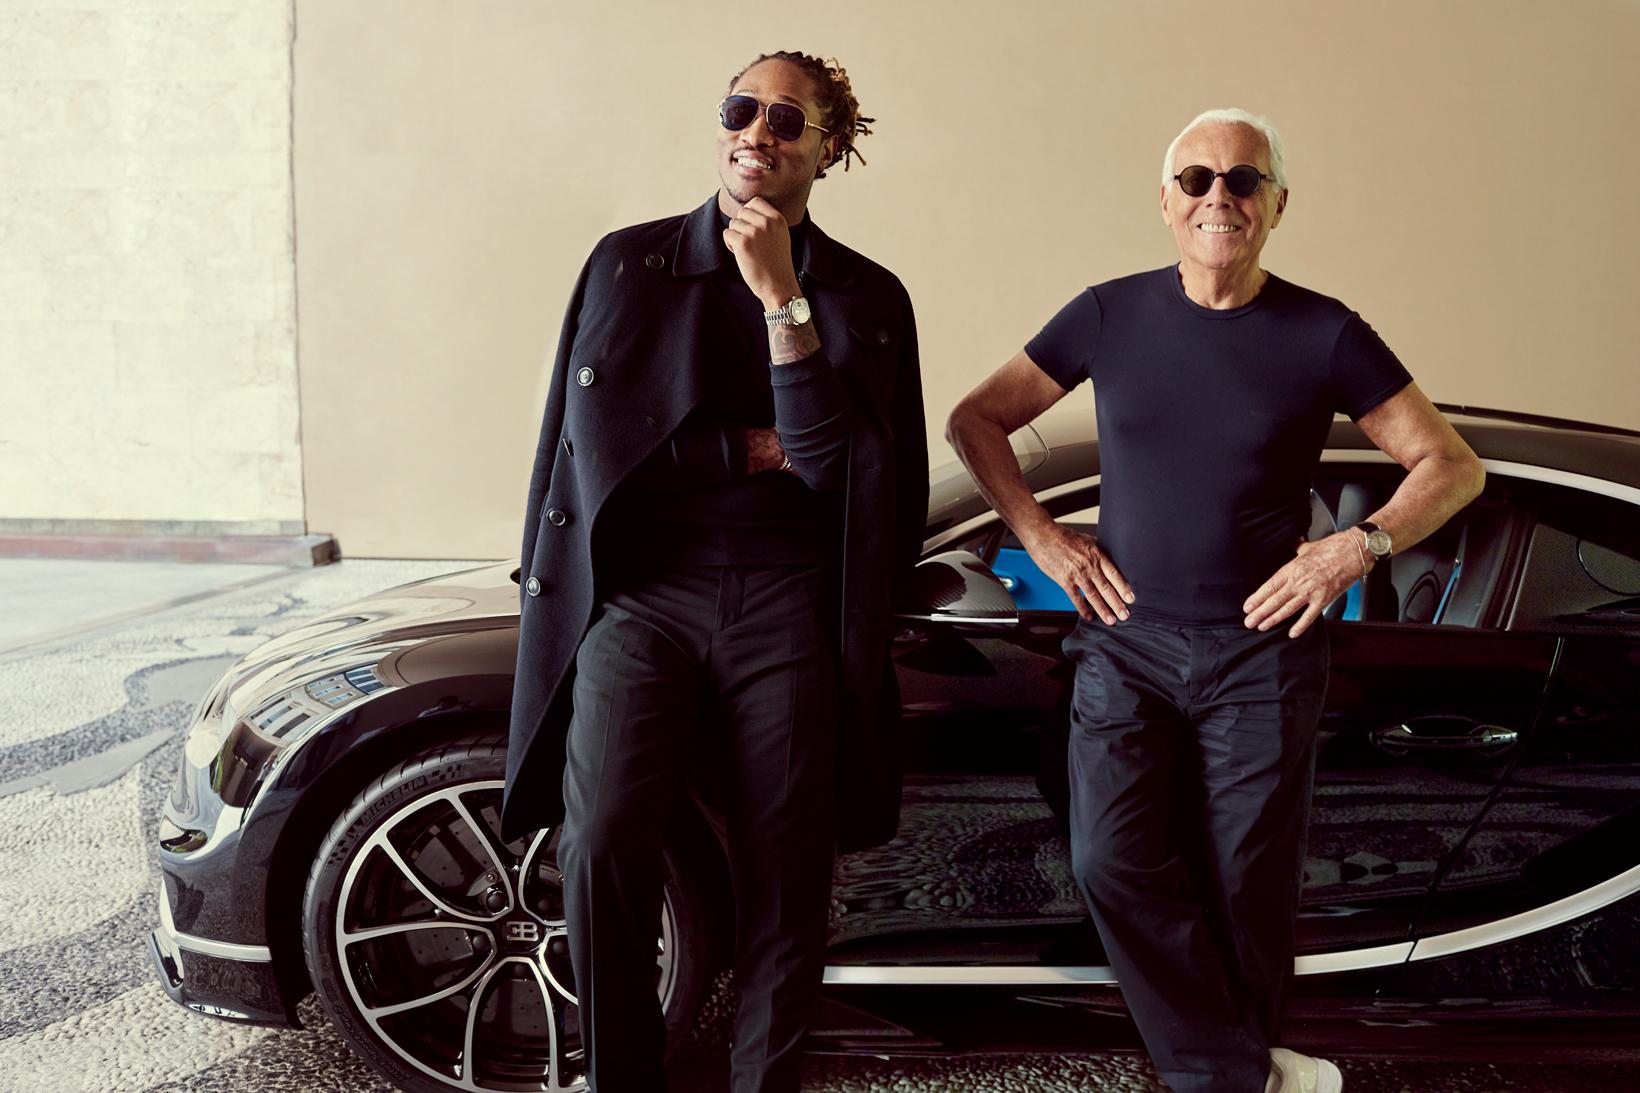 Future Meets Giorgio Armani for the First Time in a Bugatti